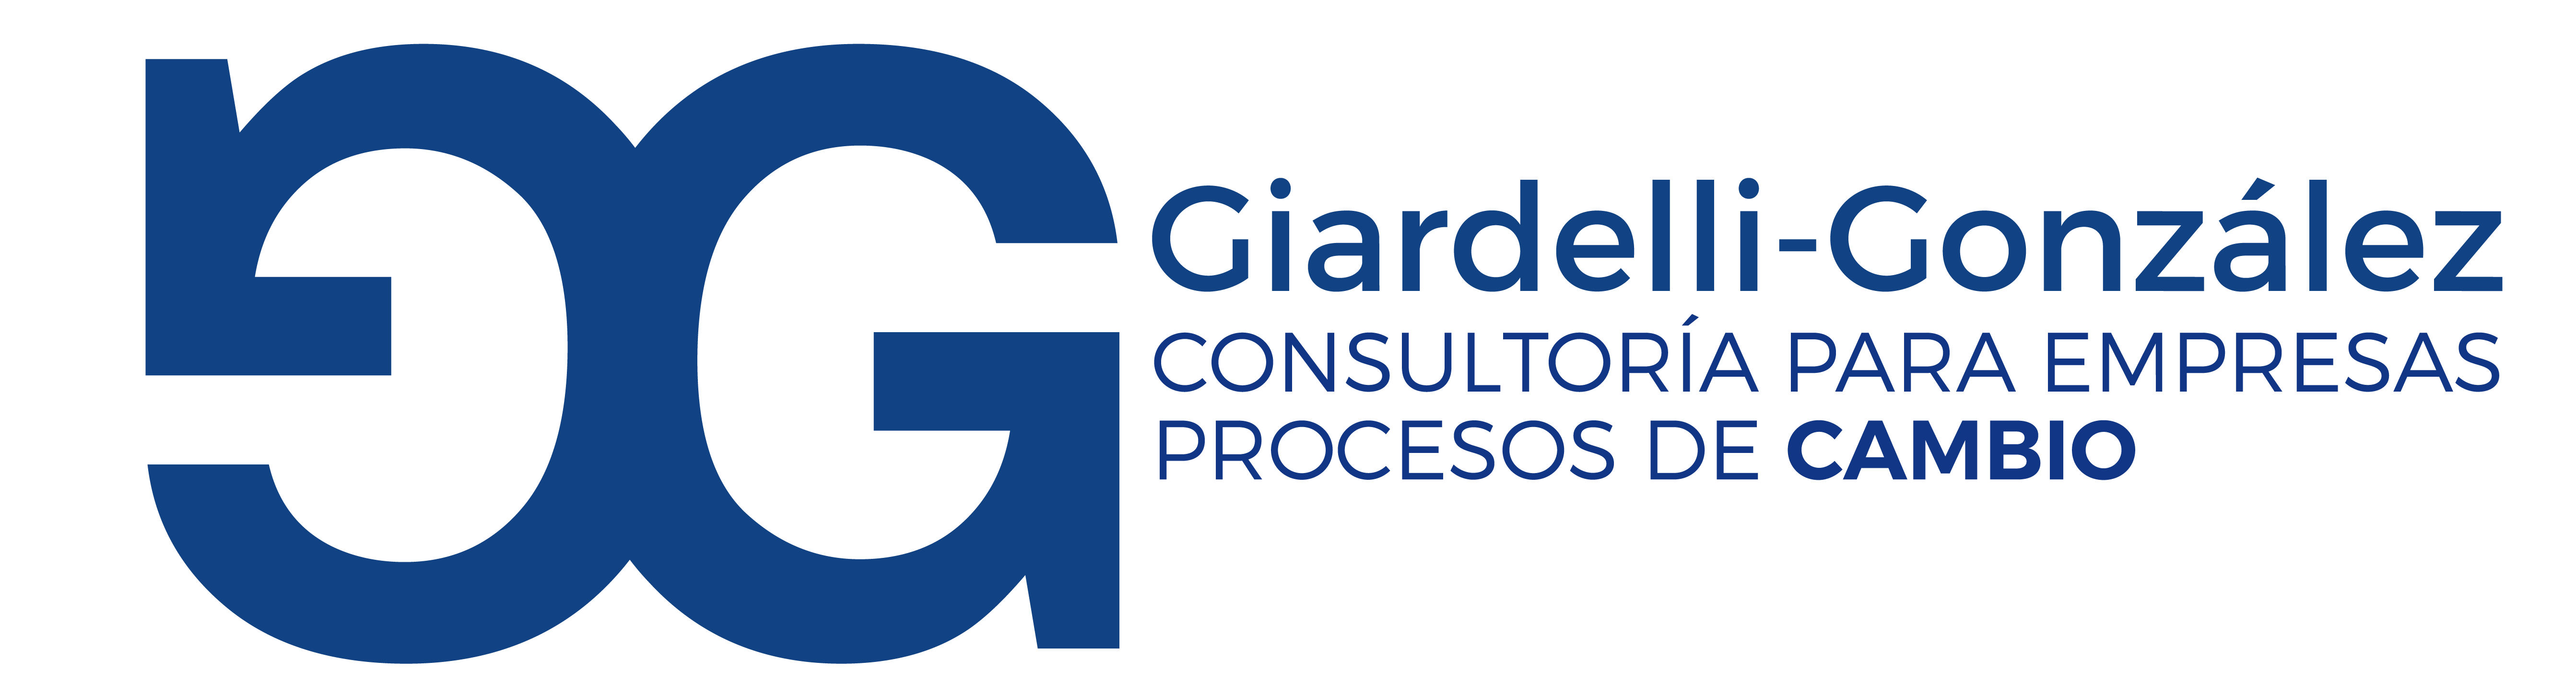 Giardelli-Gonzalez